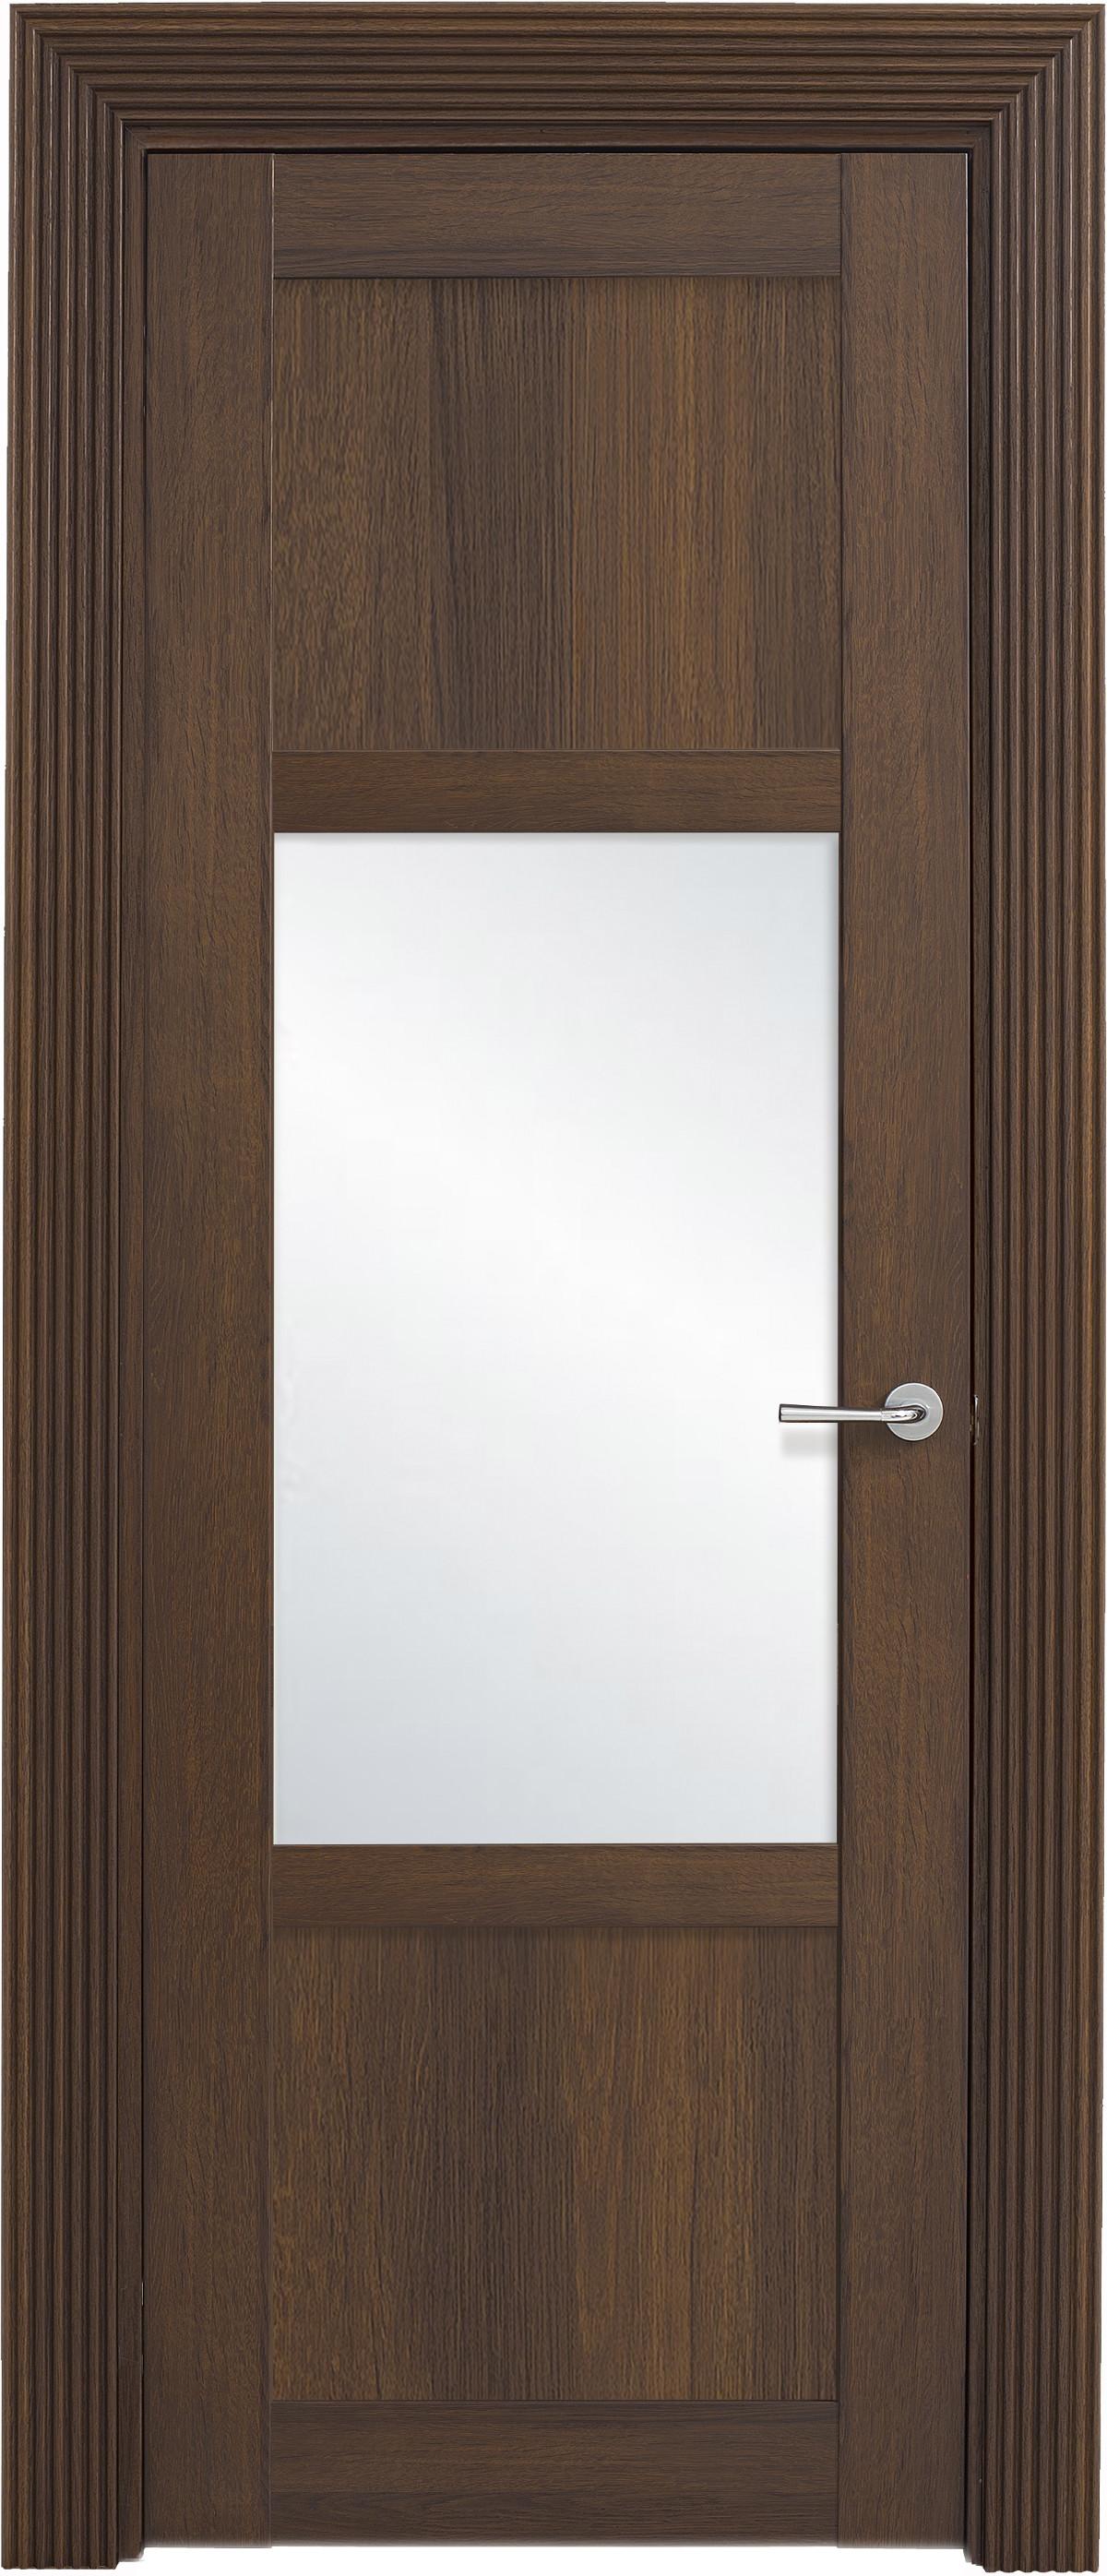 Межкомнатная / входная дверь, отделка: экошпон ГРЕЧЕСКИЙ ОРЕХ, Solo 2BSnP-1